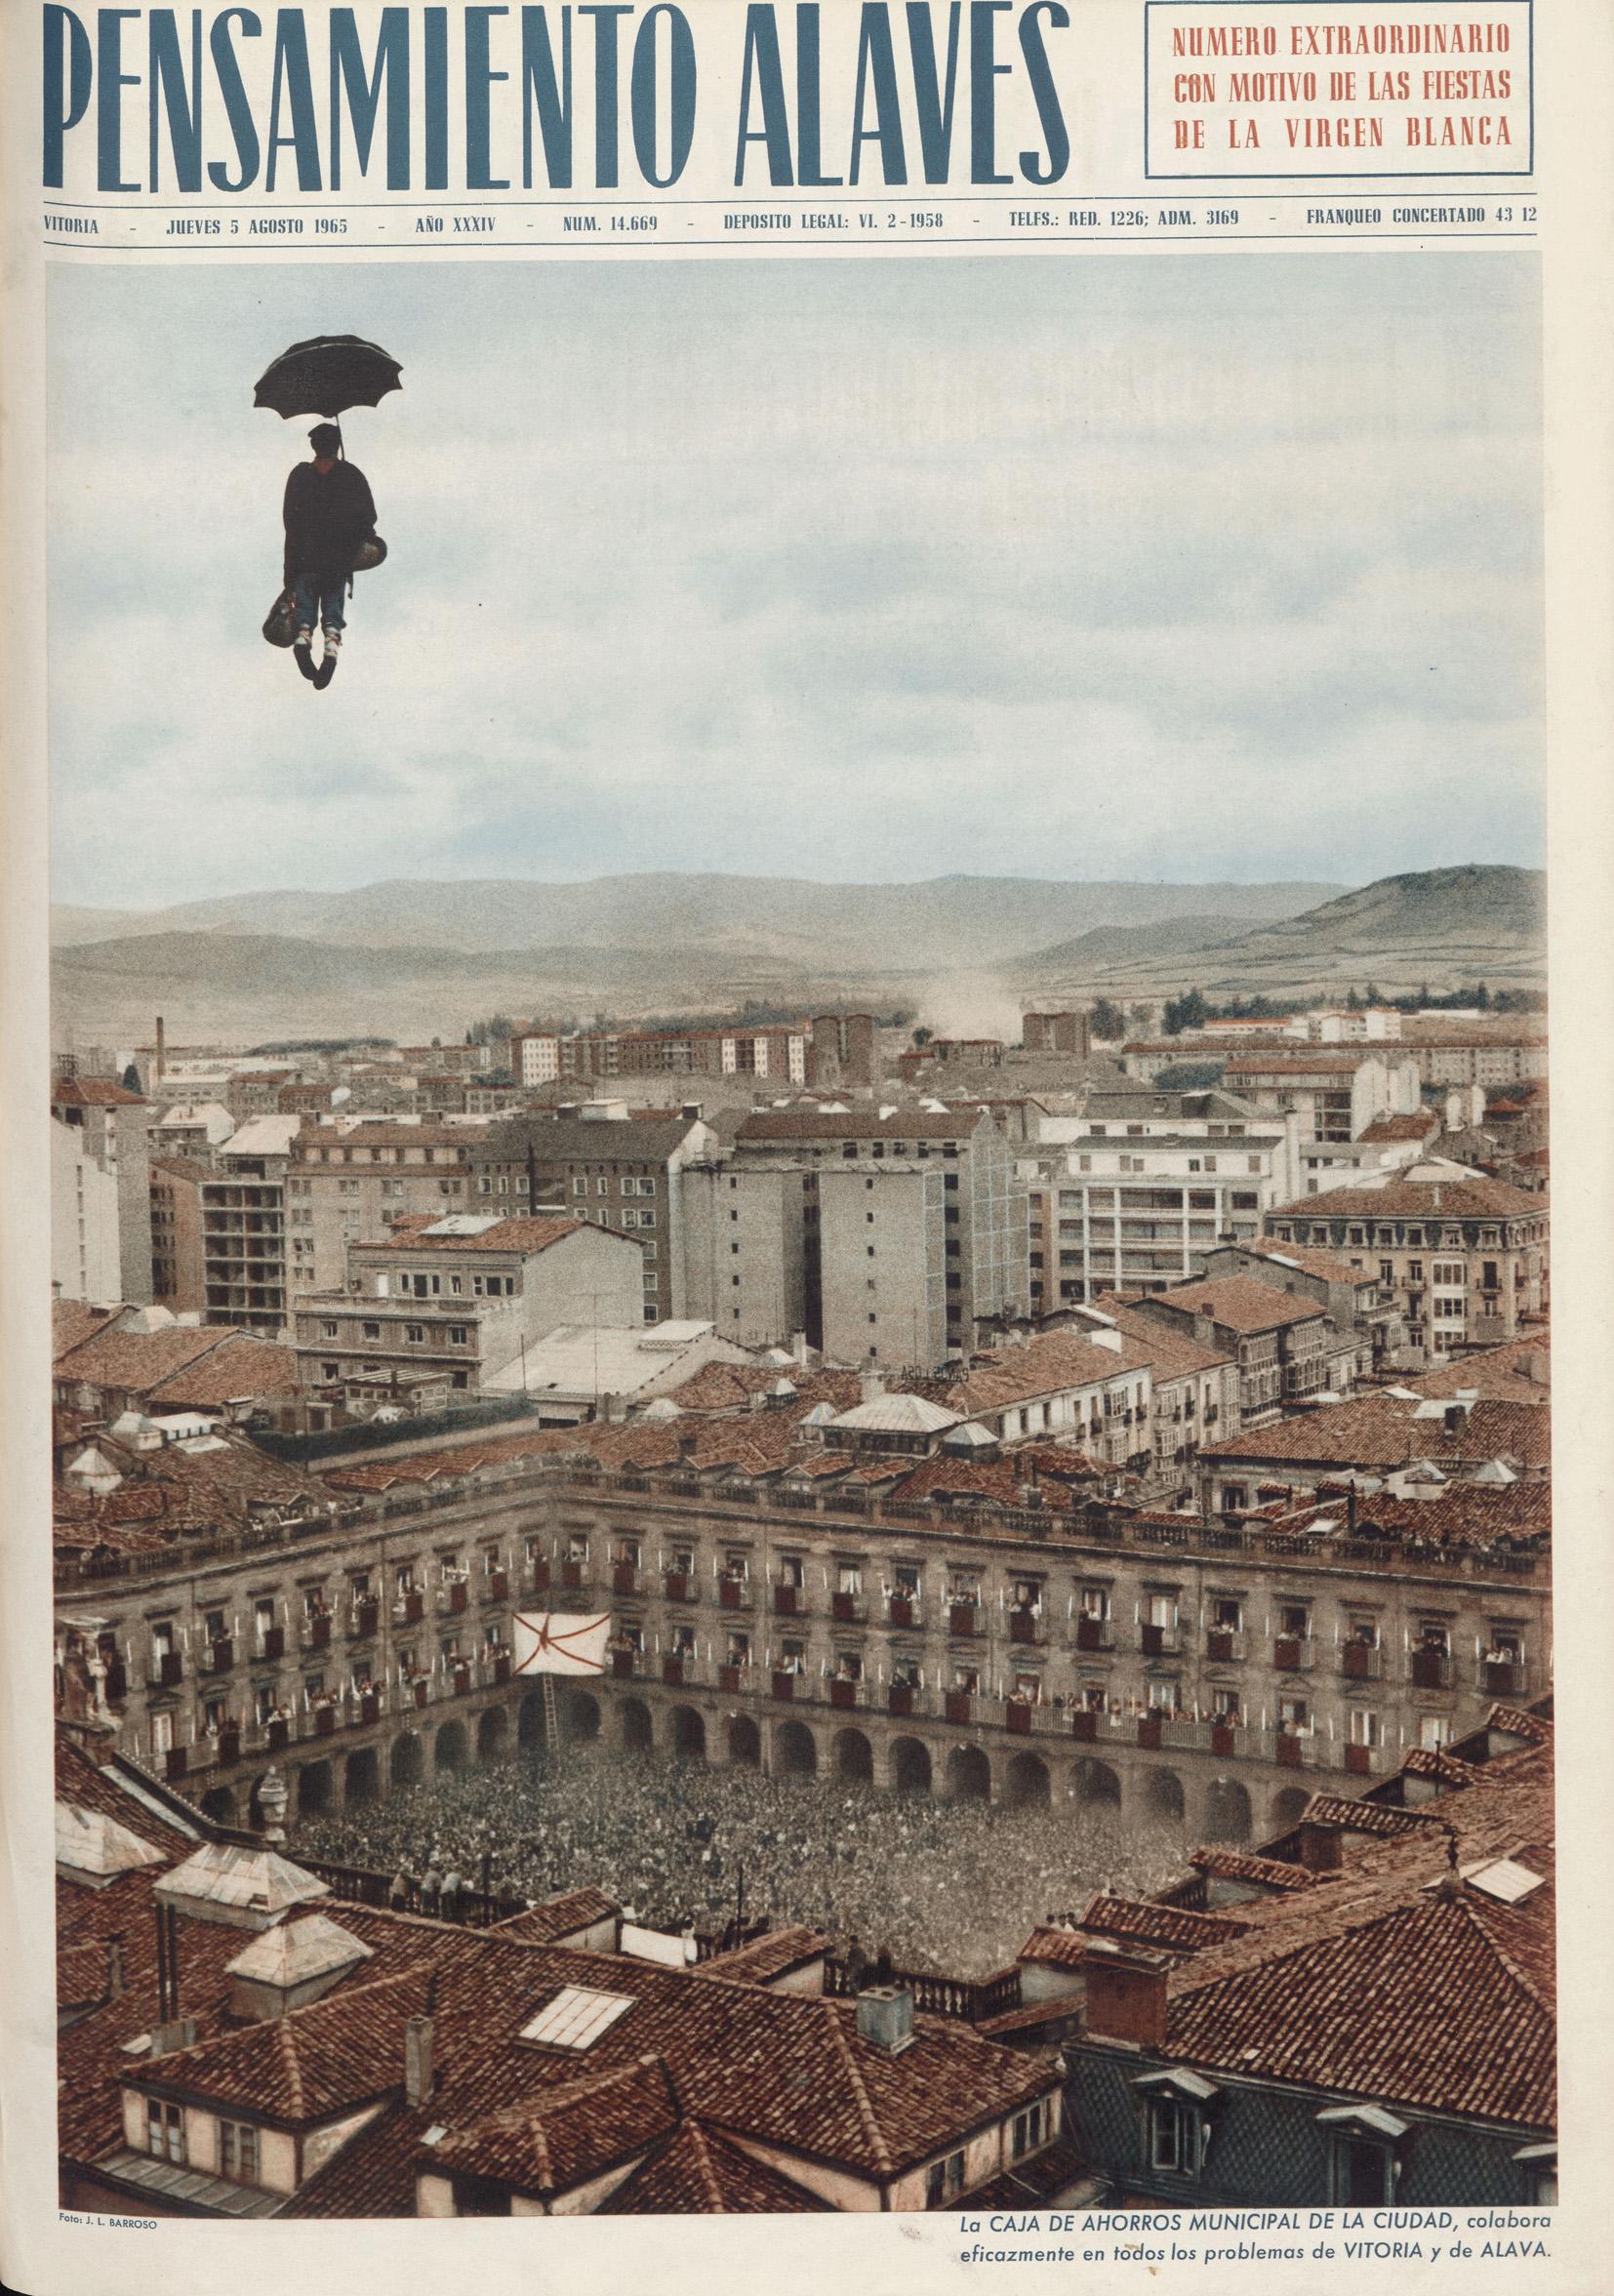 OT. Fotos de Vitoria y sus alrededores. (3) - Página 37 214683_1965_08_05_0001